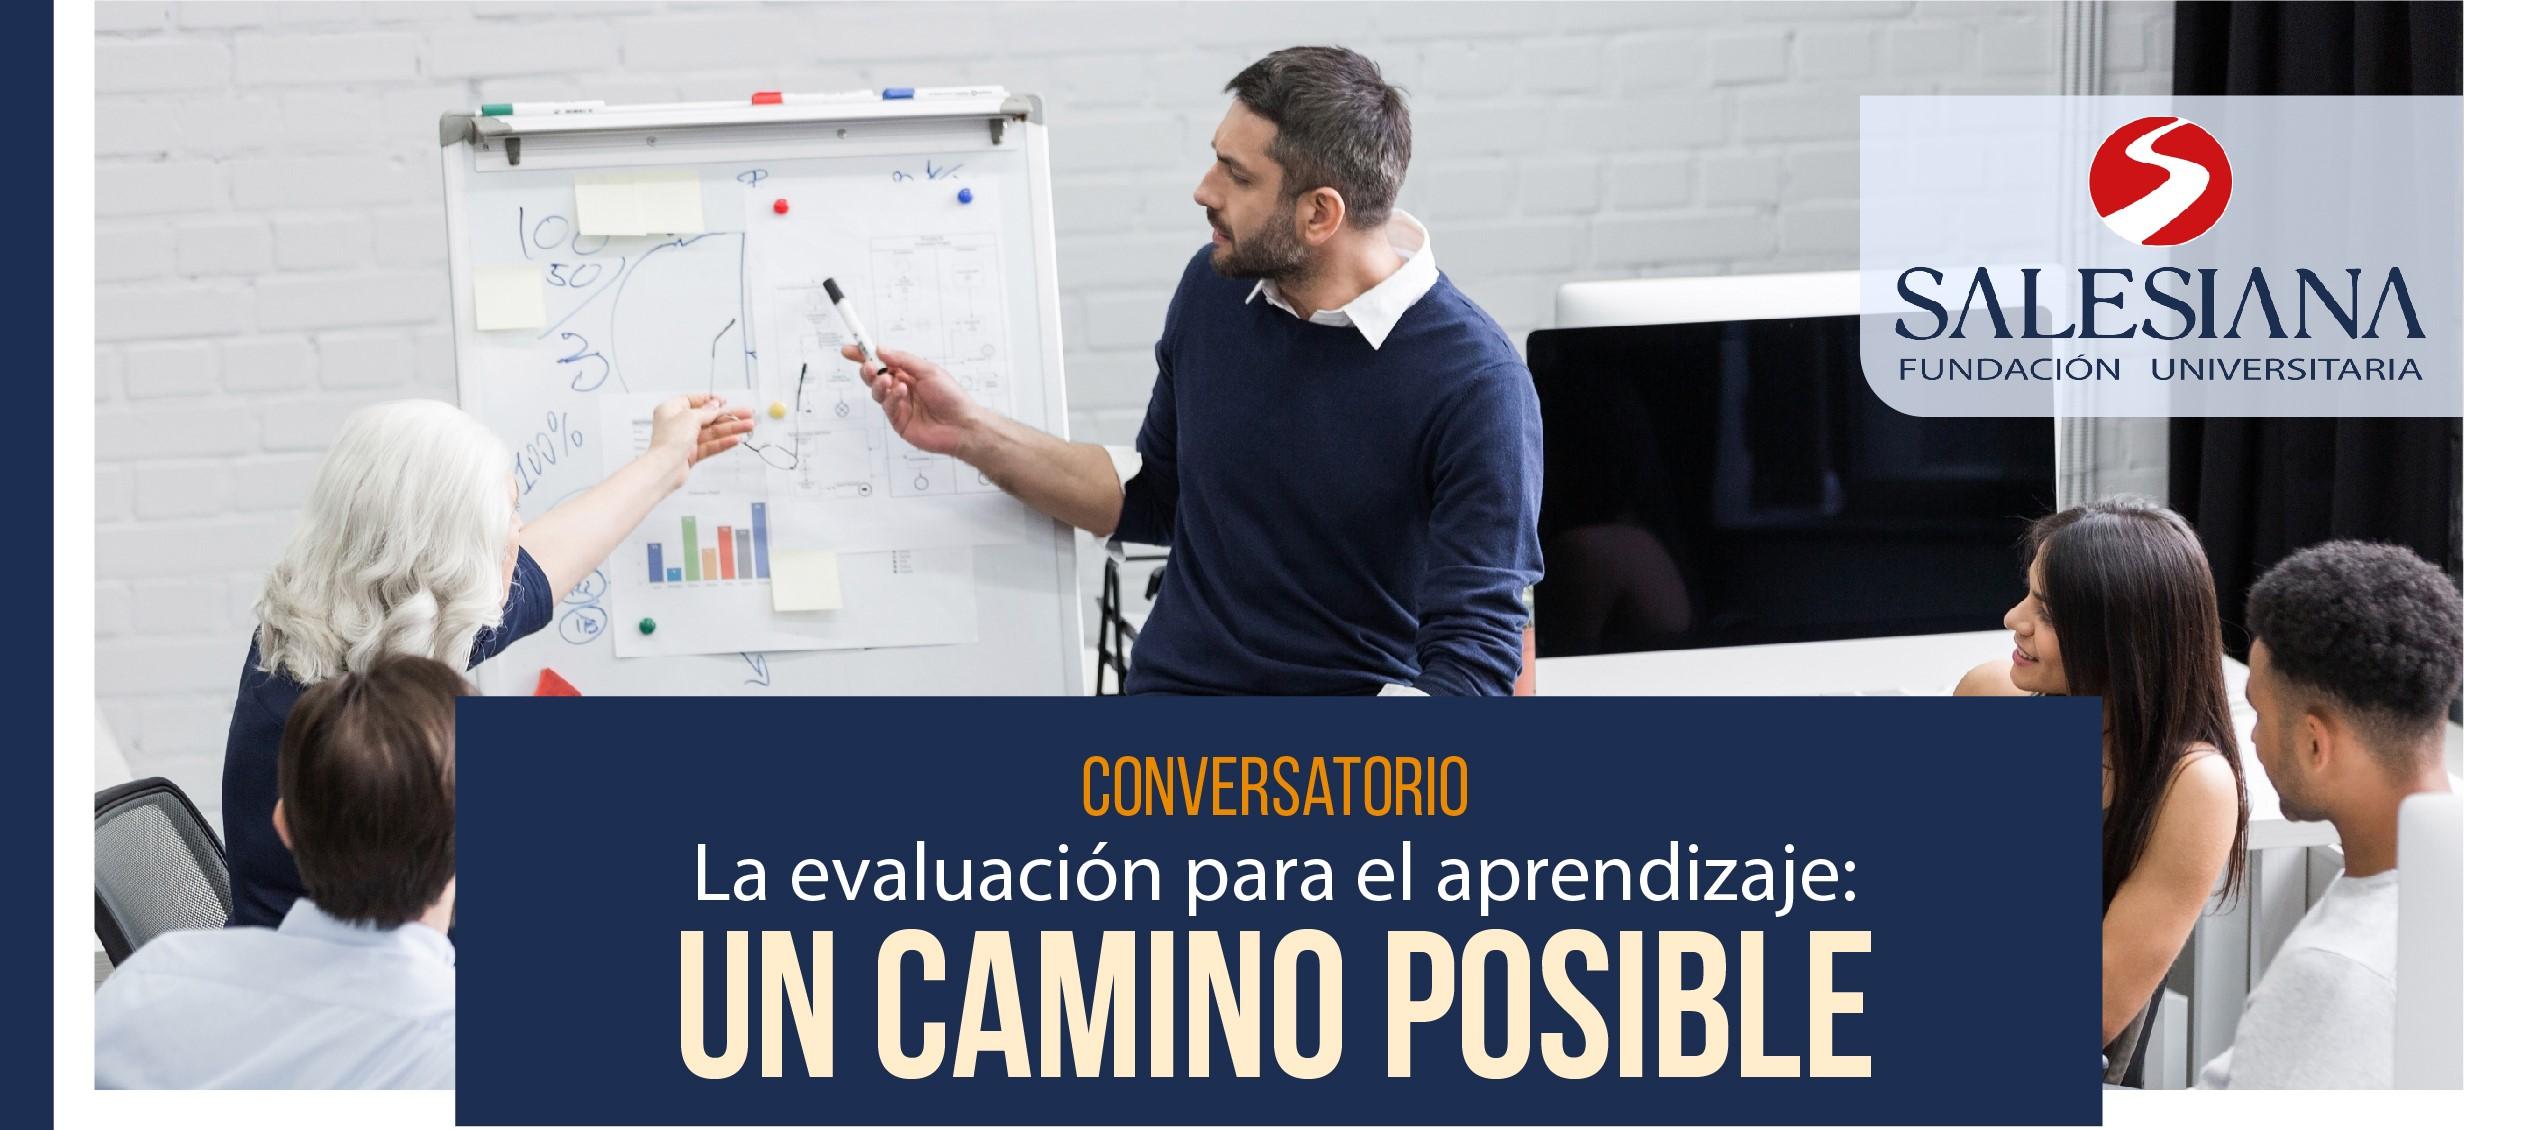 Conversatorio: La evaluación para el aprendizaje. Un camino posible. 8